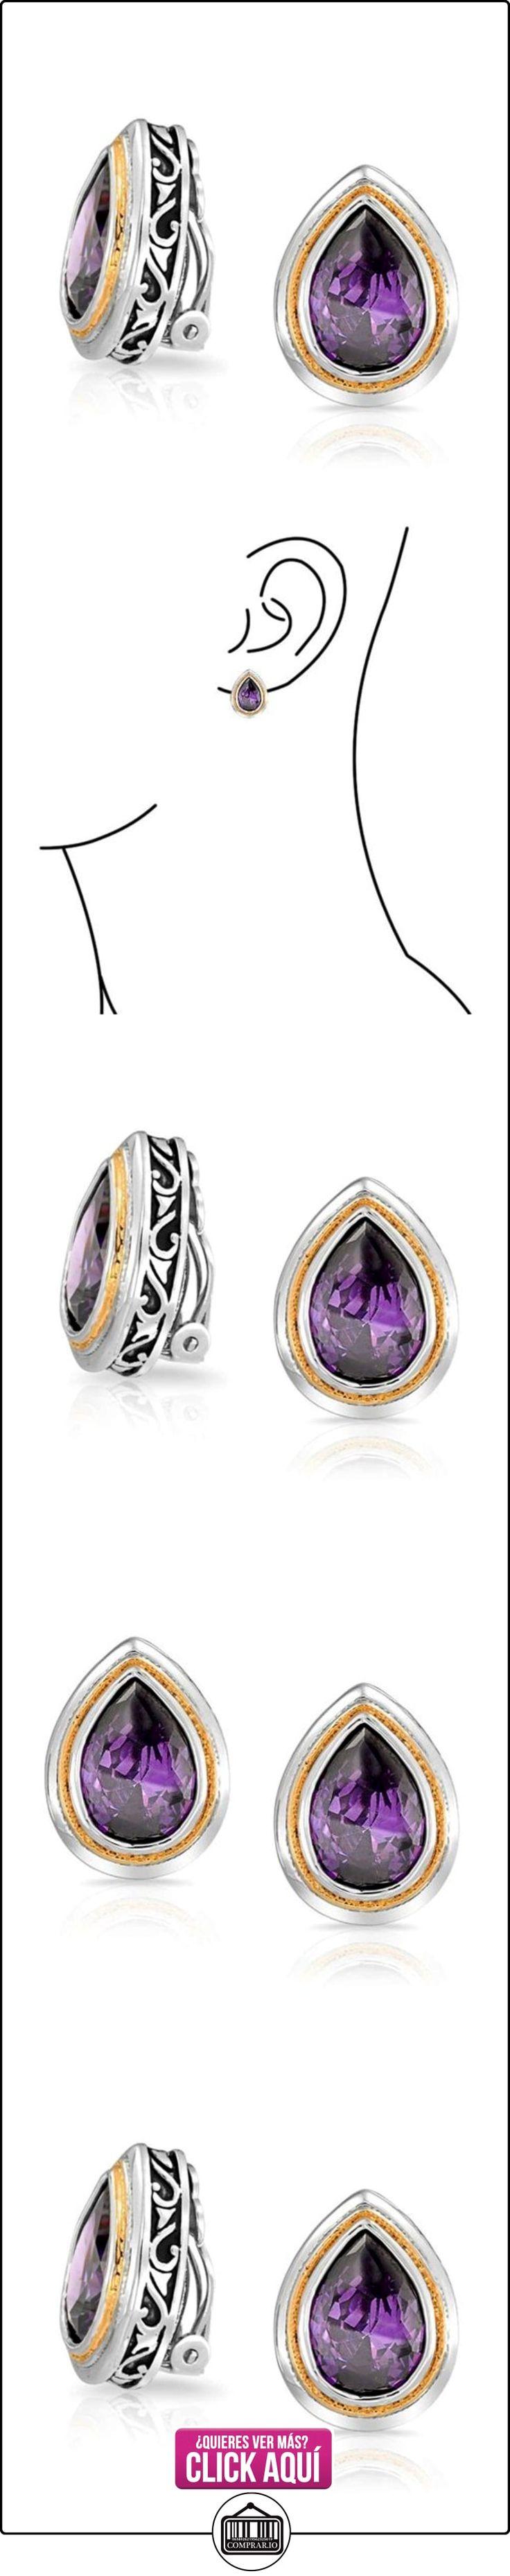 Bling Jewelry Lágrima Color Amatistas púrpura Cubic Zirconia pendiente de Clip  ✿ Joyas para mujer - Las mejores ofertas ✿ ▬► Ver oferta: http://comprar.io/goto/B00H24AHN2